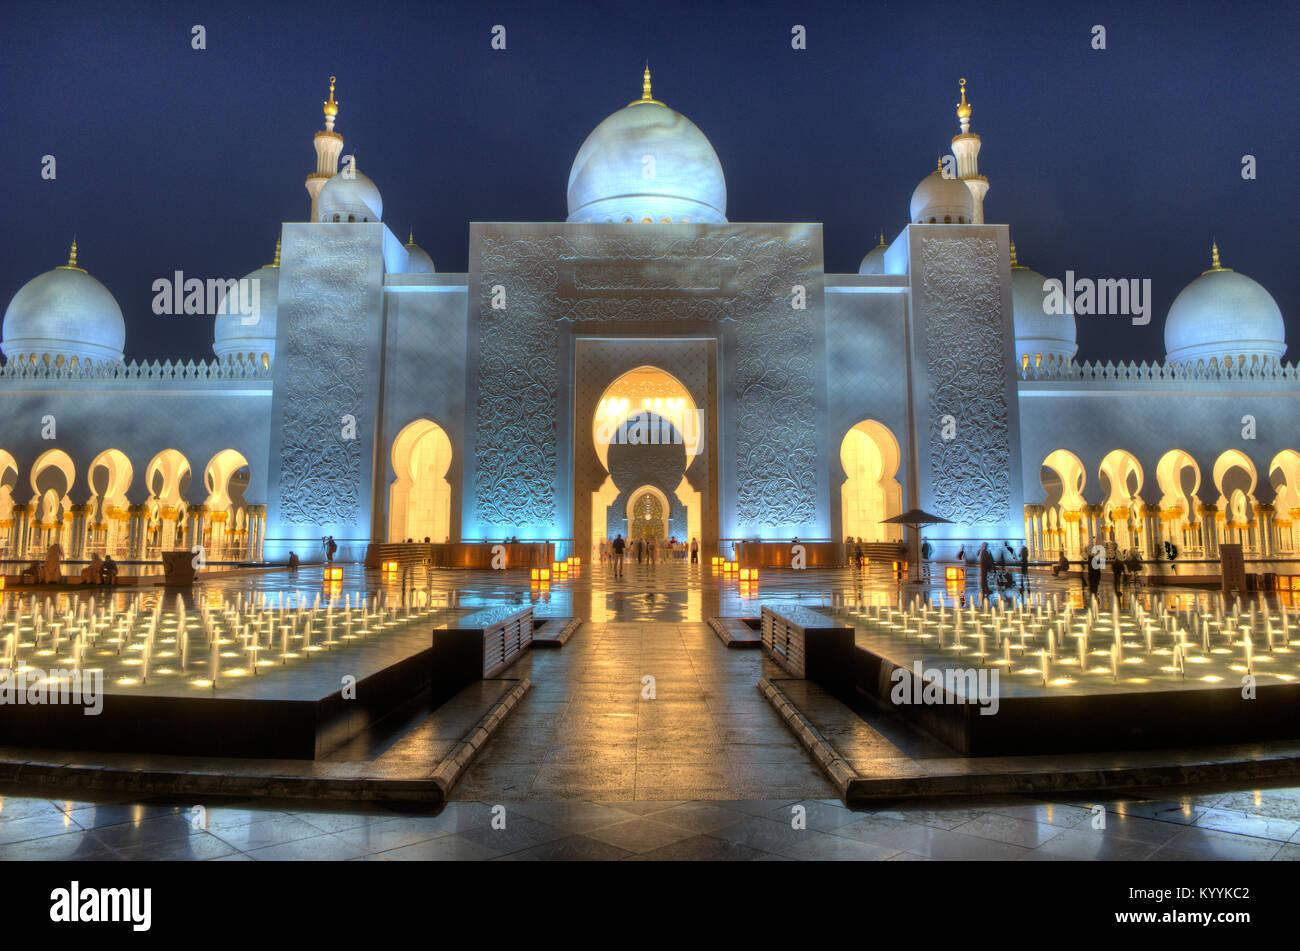 ABU DHABI, EMIRATS ARABES UNIS - DEC 31, 2017: l'extérieur de la mosquée Sheikh Zayed à Abu Dhabi dans le crépuscule. Banque D'Images